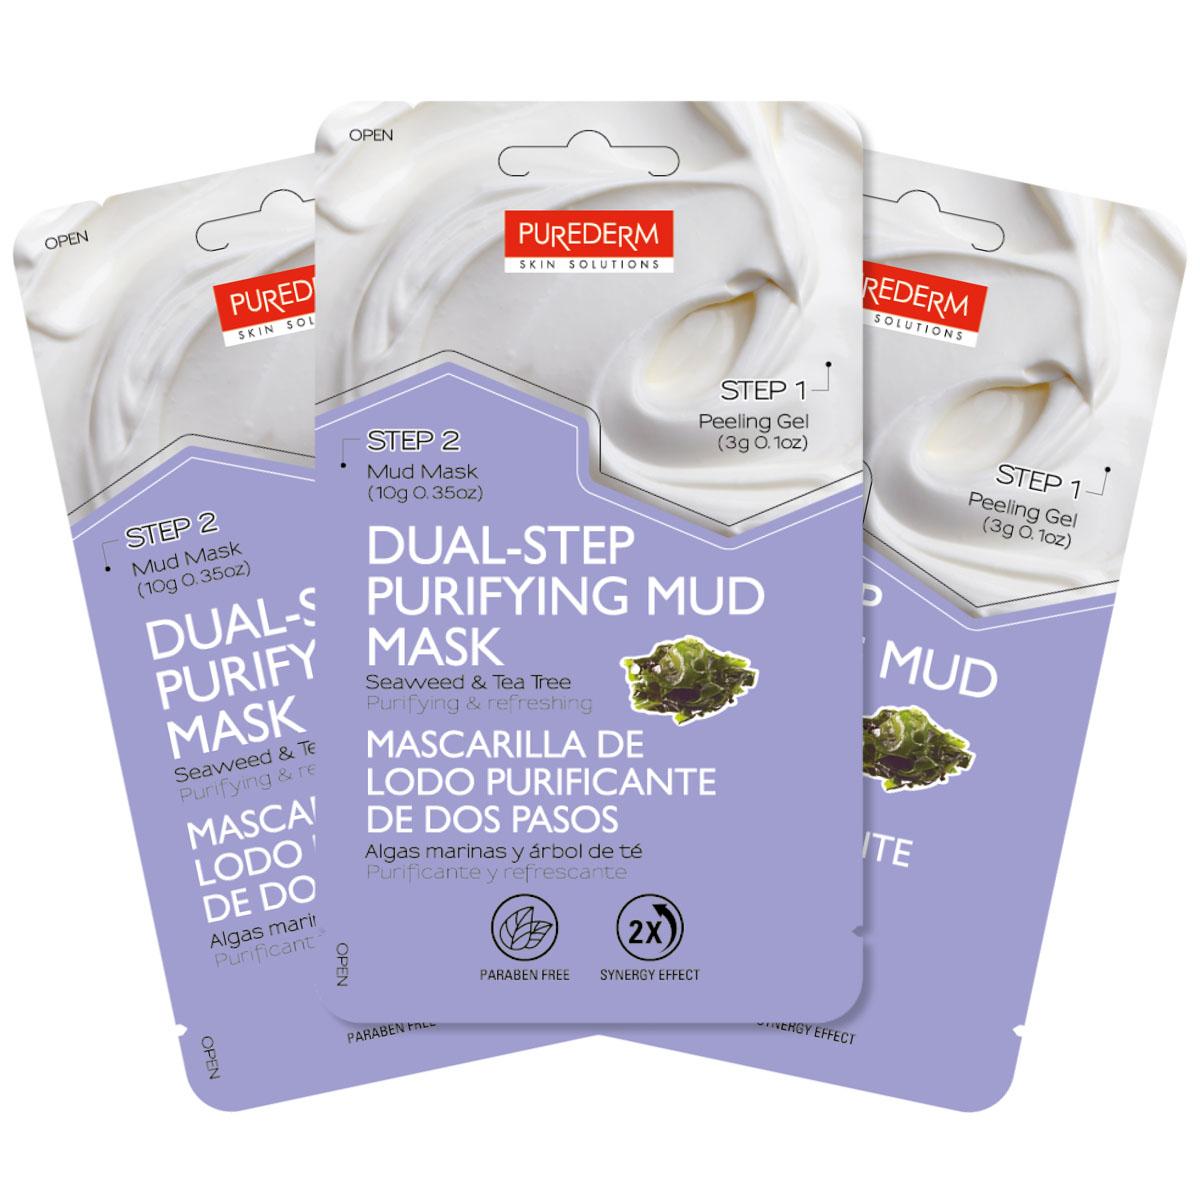 Purederm Набор Двойной уход: Отшелушивающий гель, 3 г + Очищающая грязевая маска с экстрактом водорослей и чайного дерева, 10 г3N182525Сочетает в себе преимущества глубокого очищения пор и выравнивания поверхности кожи для достижения максимального результата. Отшелушивающий гель (Шаг 1) содержит экстракты апельсина, лимона и яблока, отлично очищает поры, нежно отшелушивает и разглаживает поверхность кожи, что повышает эффективность очищающей маски (Шаг 2).Очищающая грязевая маска (Шаг 2) с морскими водорослями и экстрактами чайного дерева помогает сузить поры и контролирует работу сальных желез, оставляя кожу чистой, свежей и сияющей. Не содержит парабенов, минеральных масел, талька, Бензофенона и SLS, которые вызывают раздражение кожи.